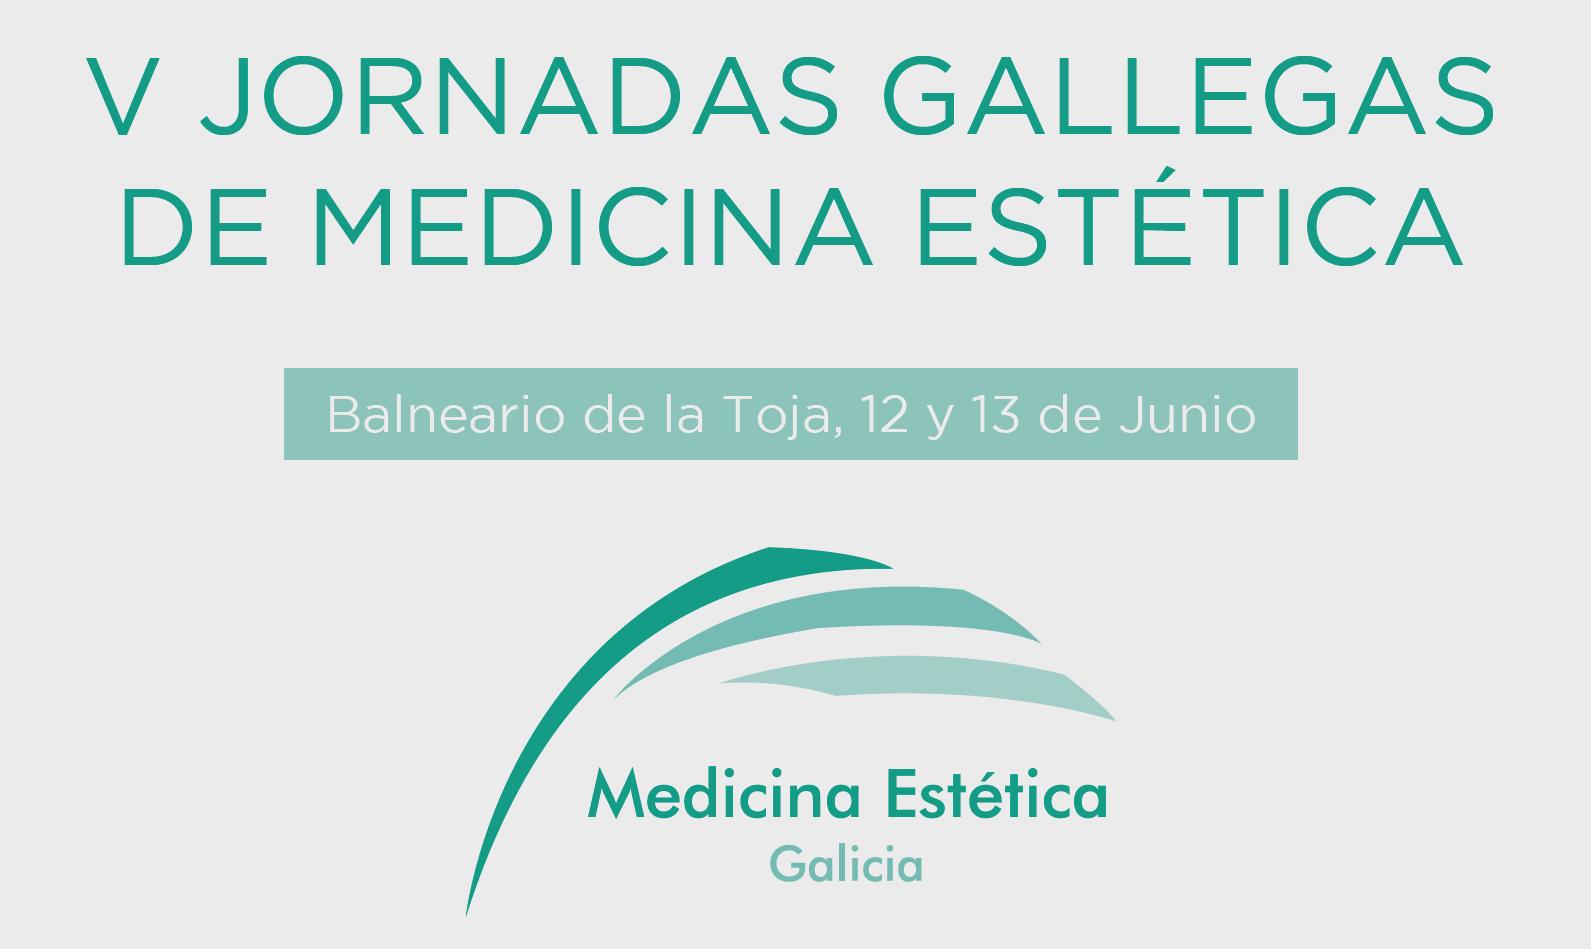 jornadas-gallegas-medicina-estetica